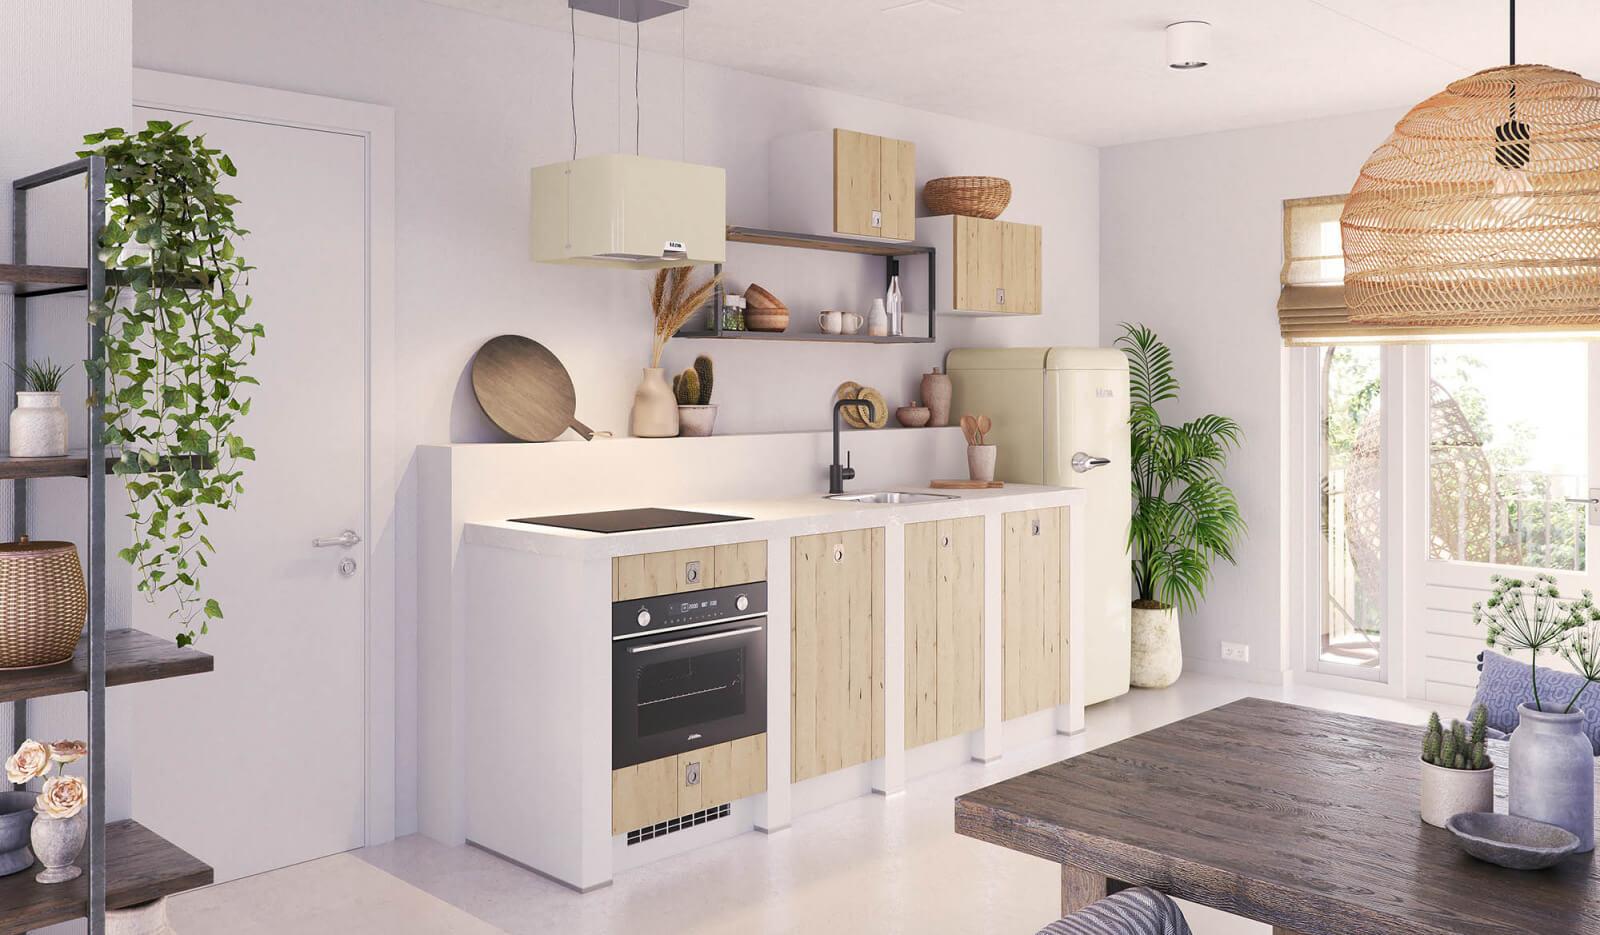 Keuken Karakter Licht Eiken - rechte keukenopstelling